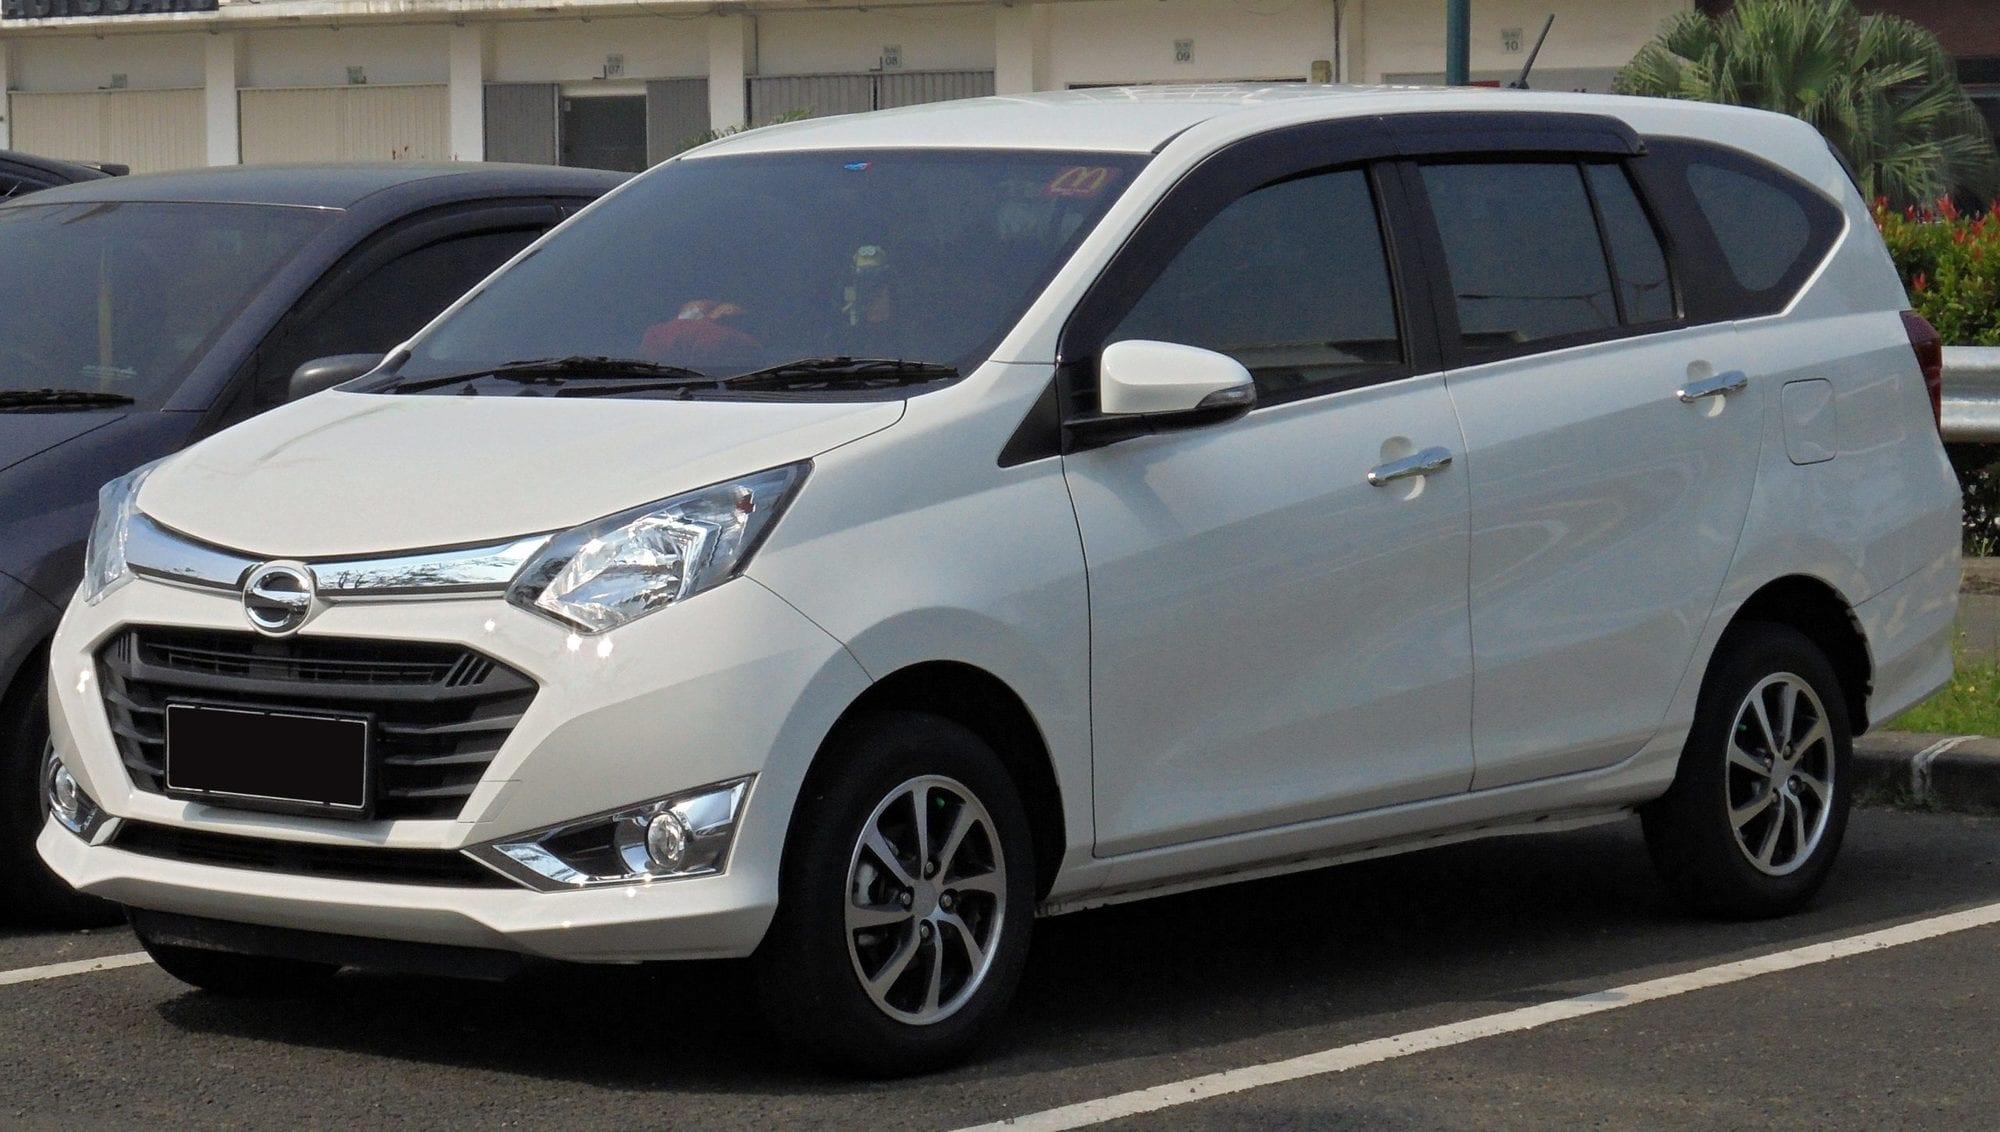 وكيل سيارة دايهاتسو في السعودية